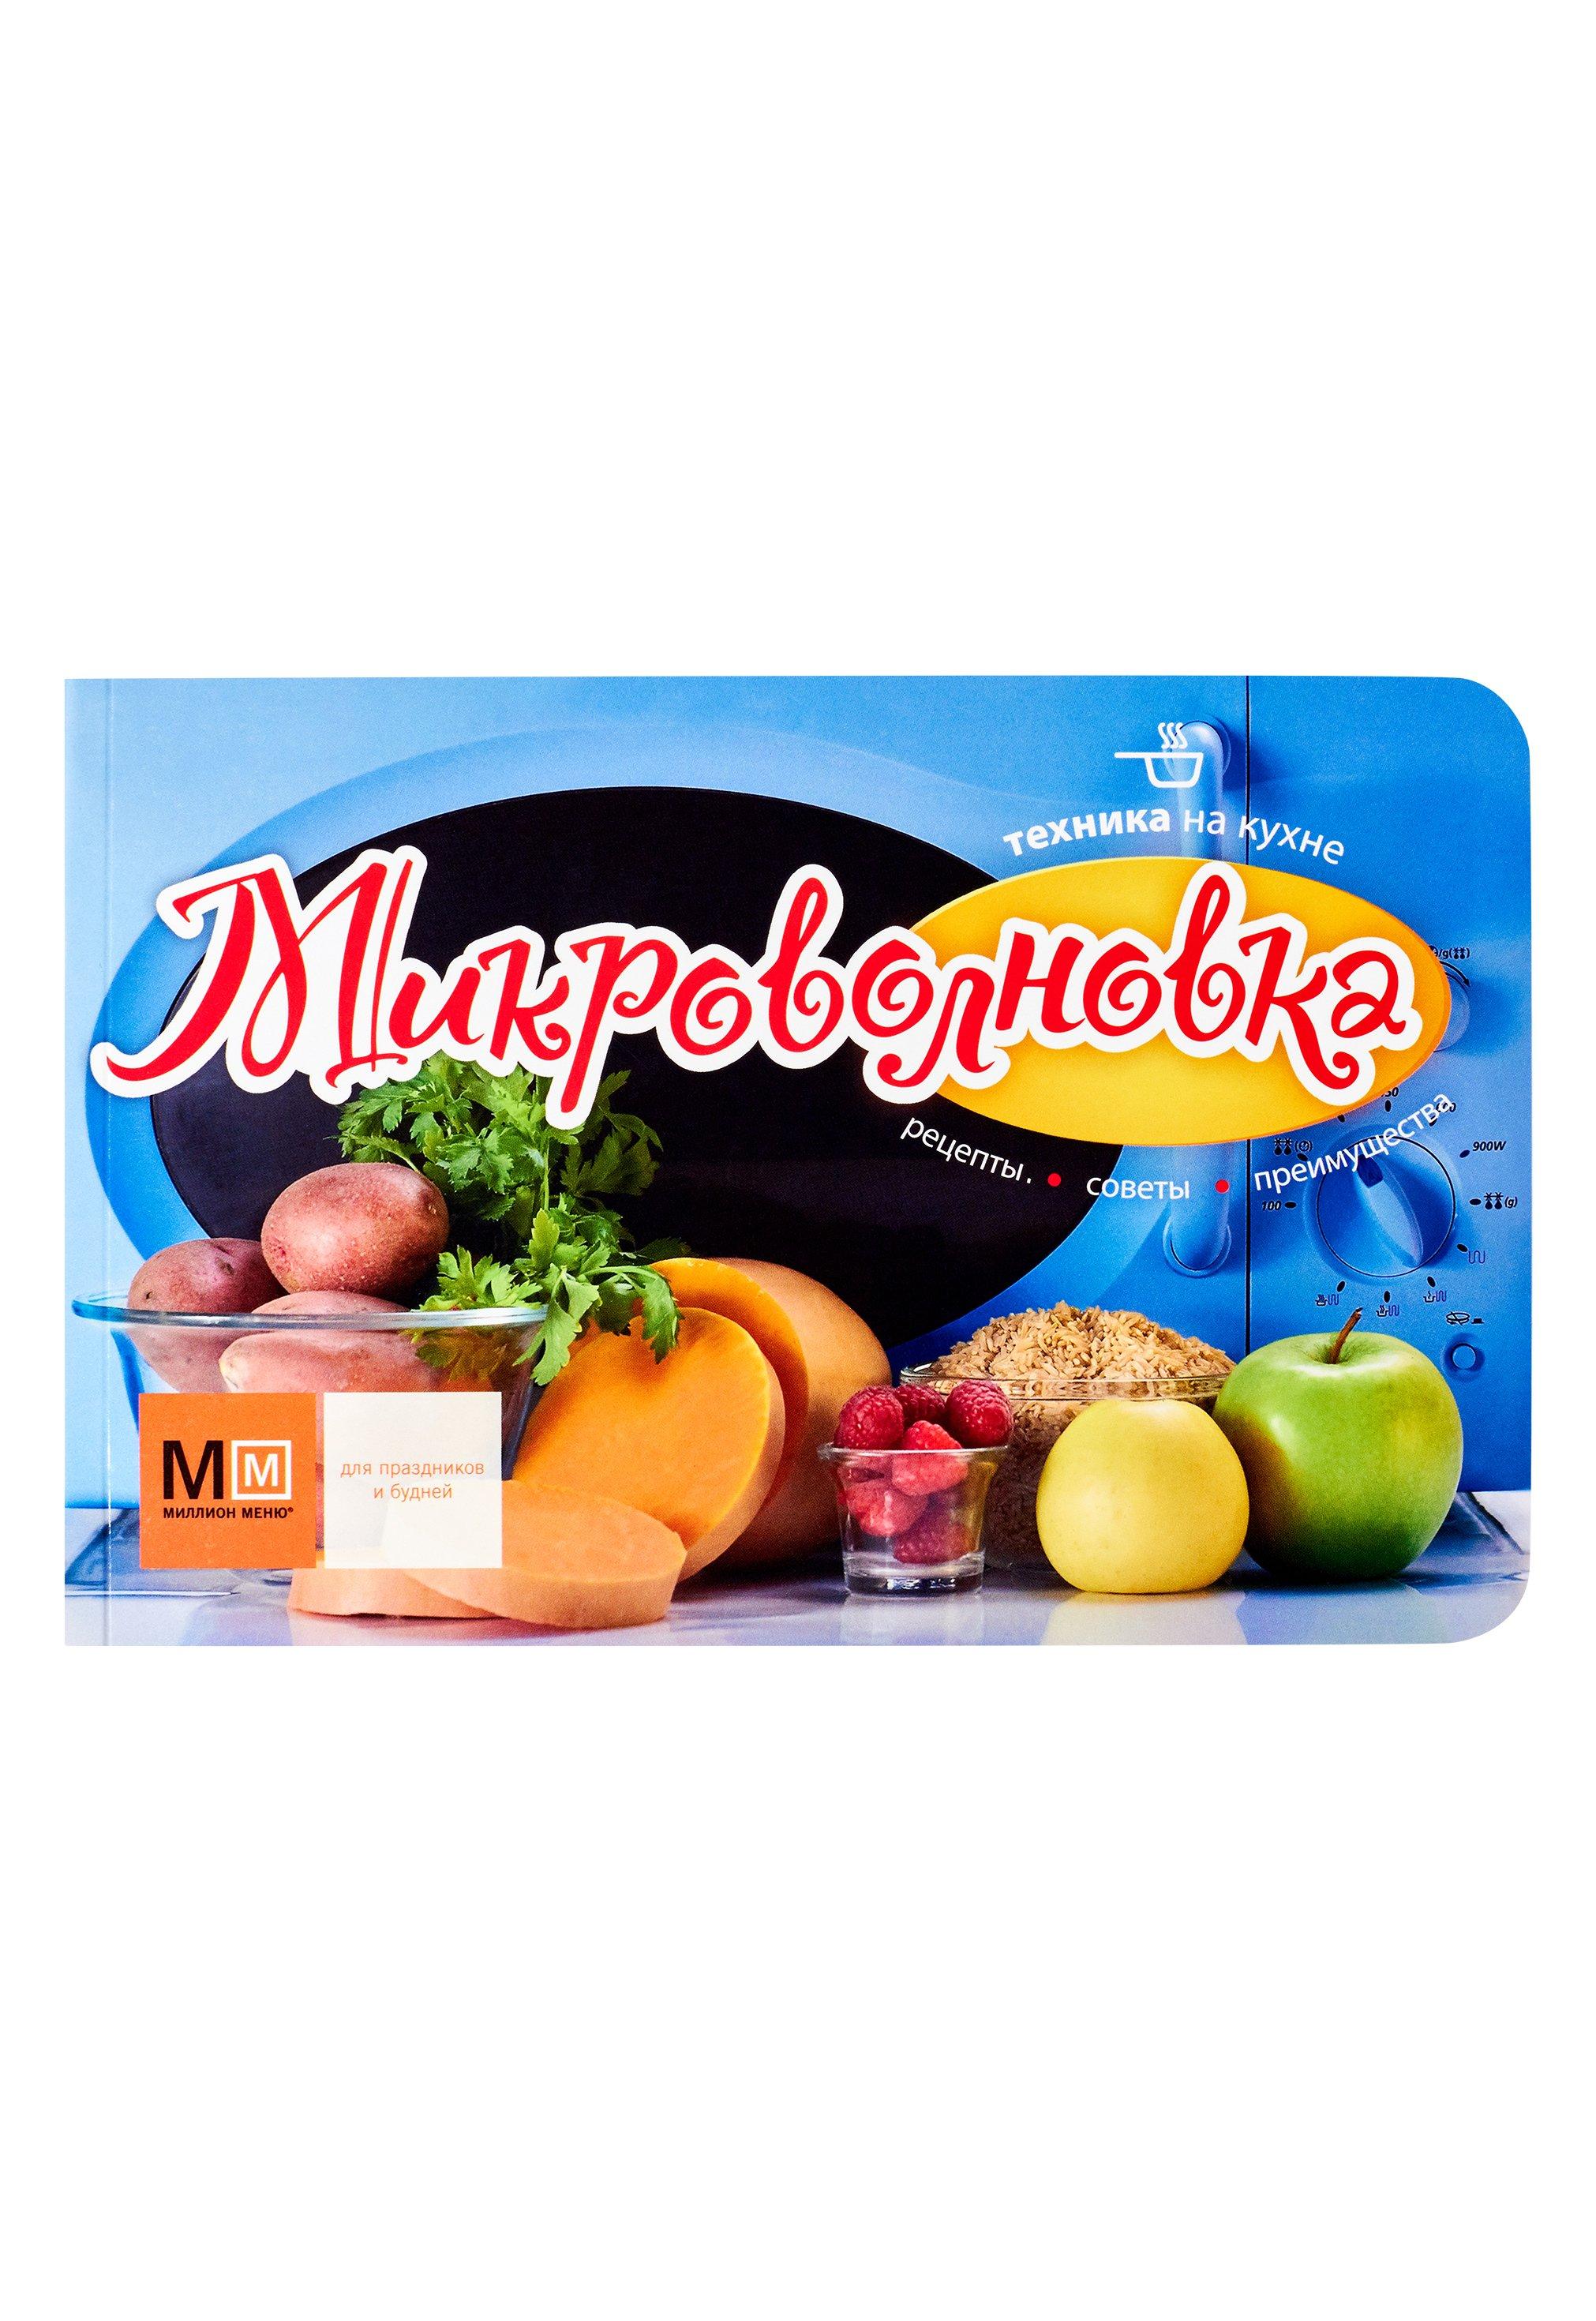 Васильева Марина Валерьевна Техника на кухне Микроволновка